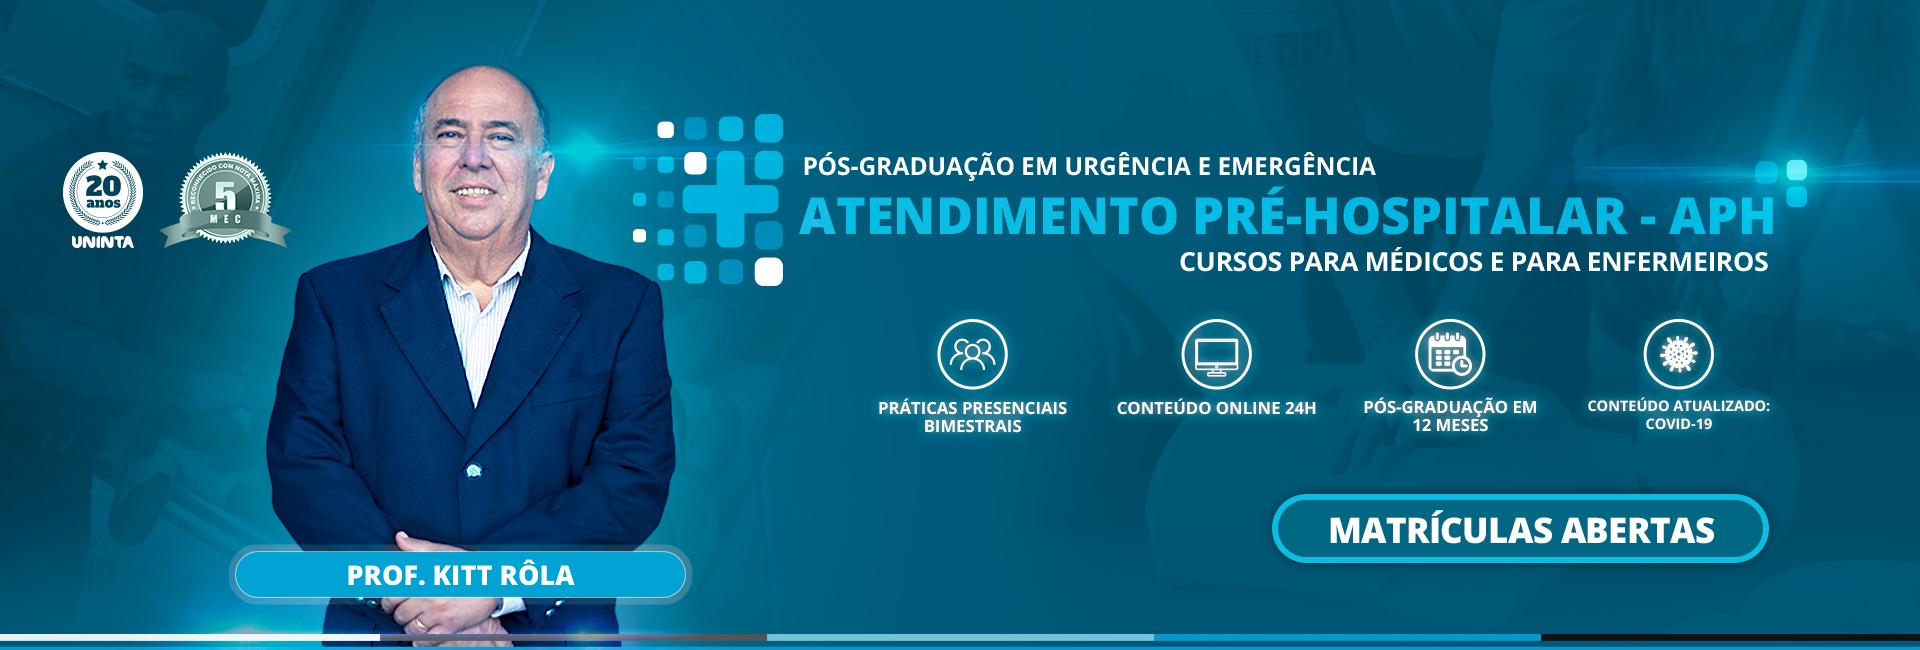 Pós-graduação em Urgência e Emergência - Saiba mais!